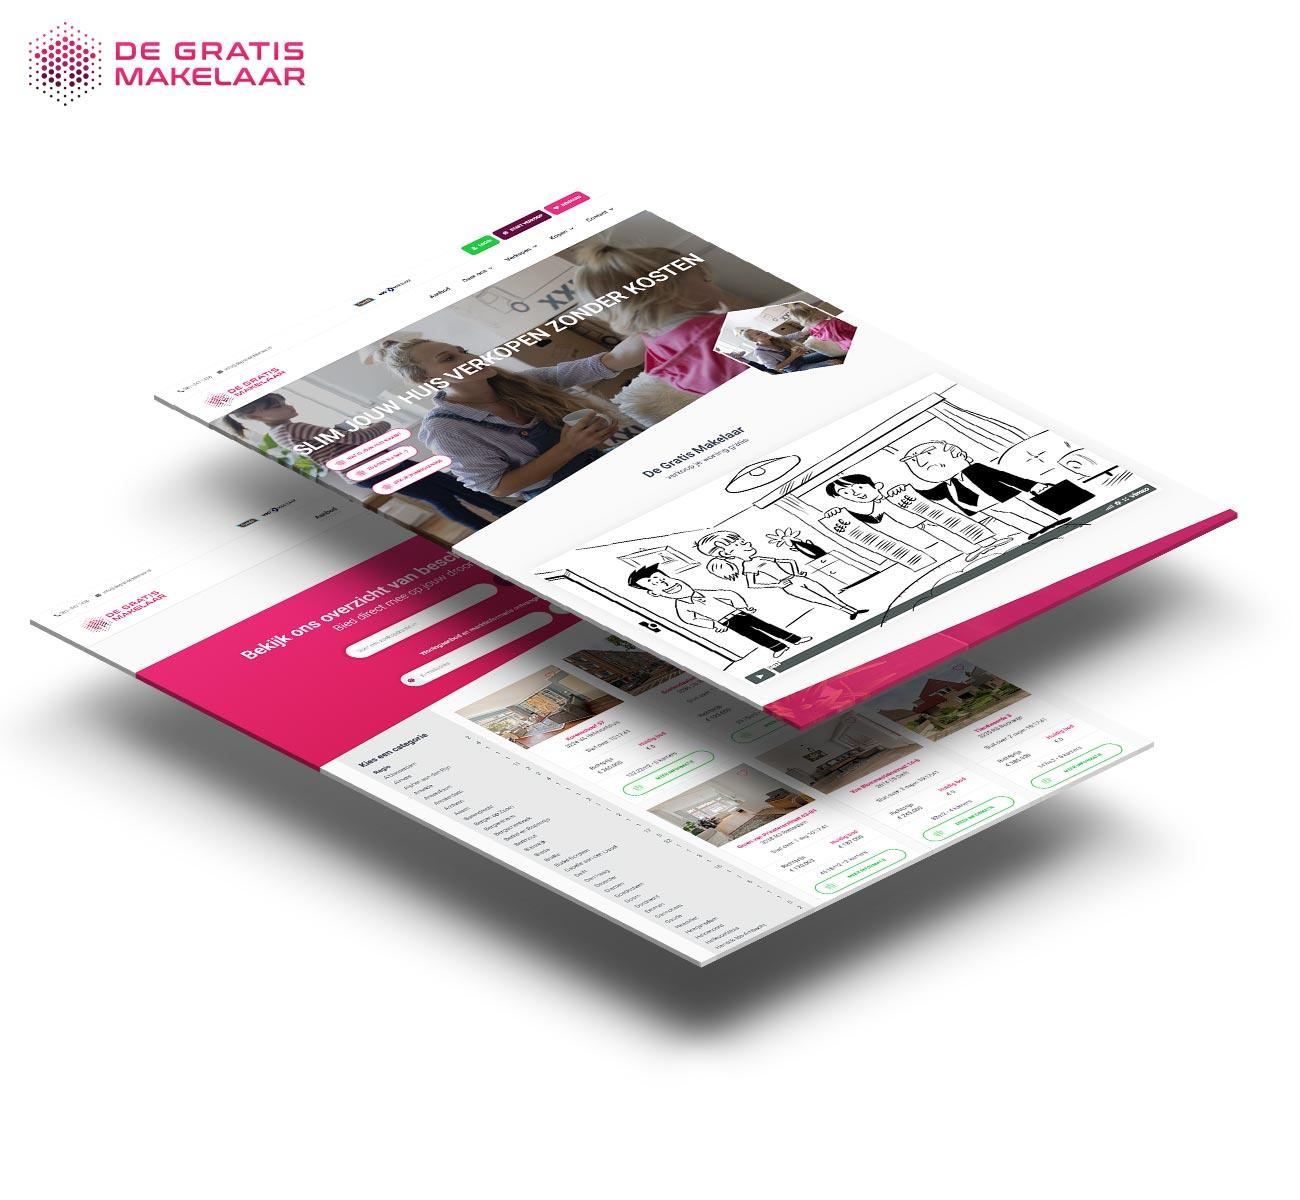 De gratis makelaar website